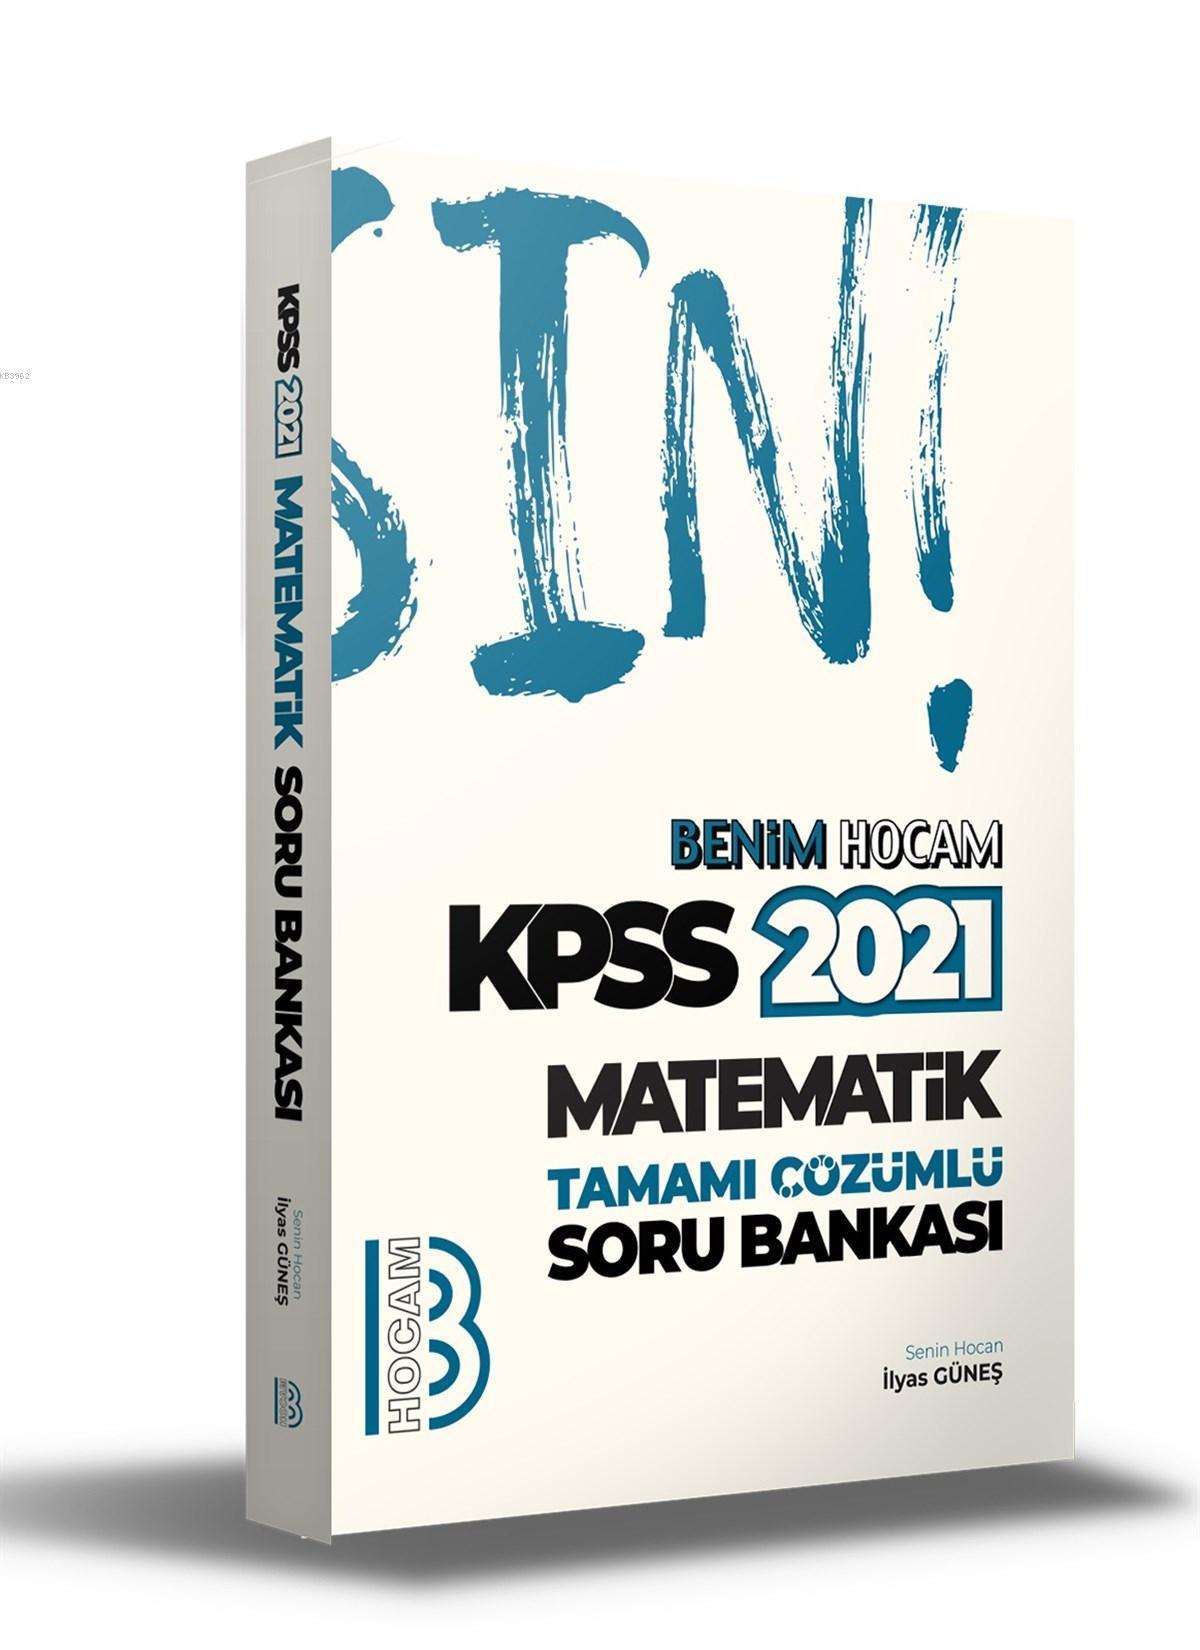 2021 KPSS Matematik Tamamı Çözümlü Soru Bankası Benim Hocam Yayınları